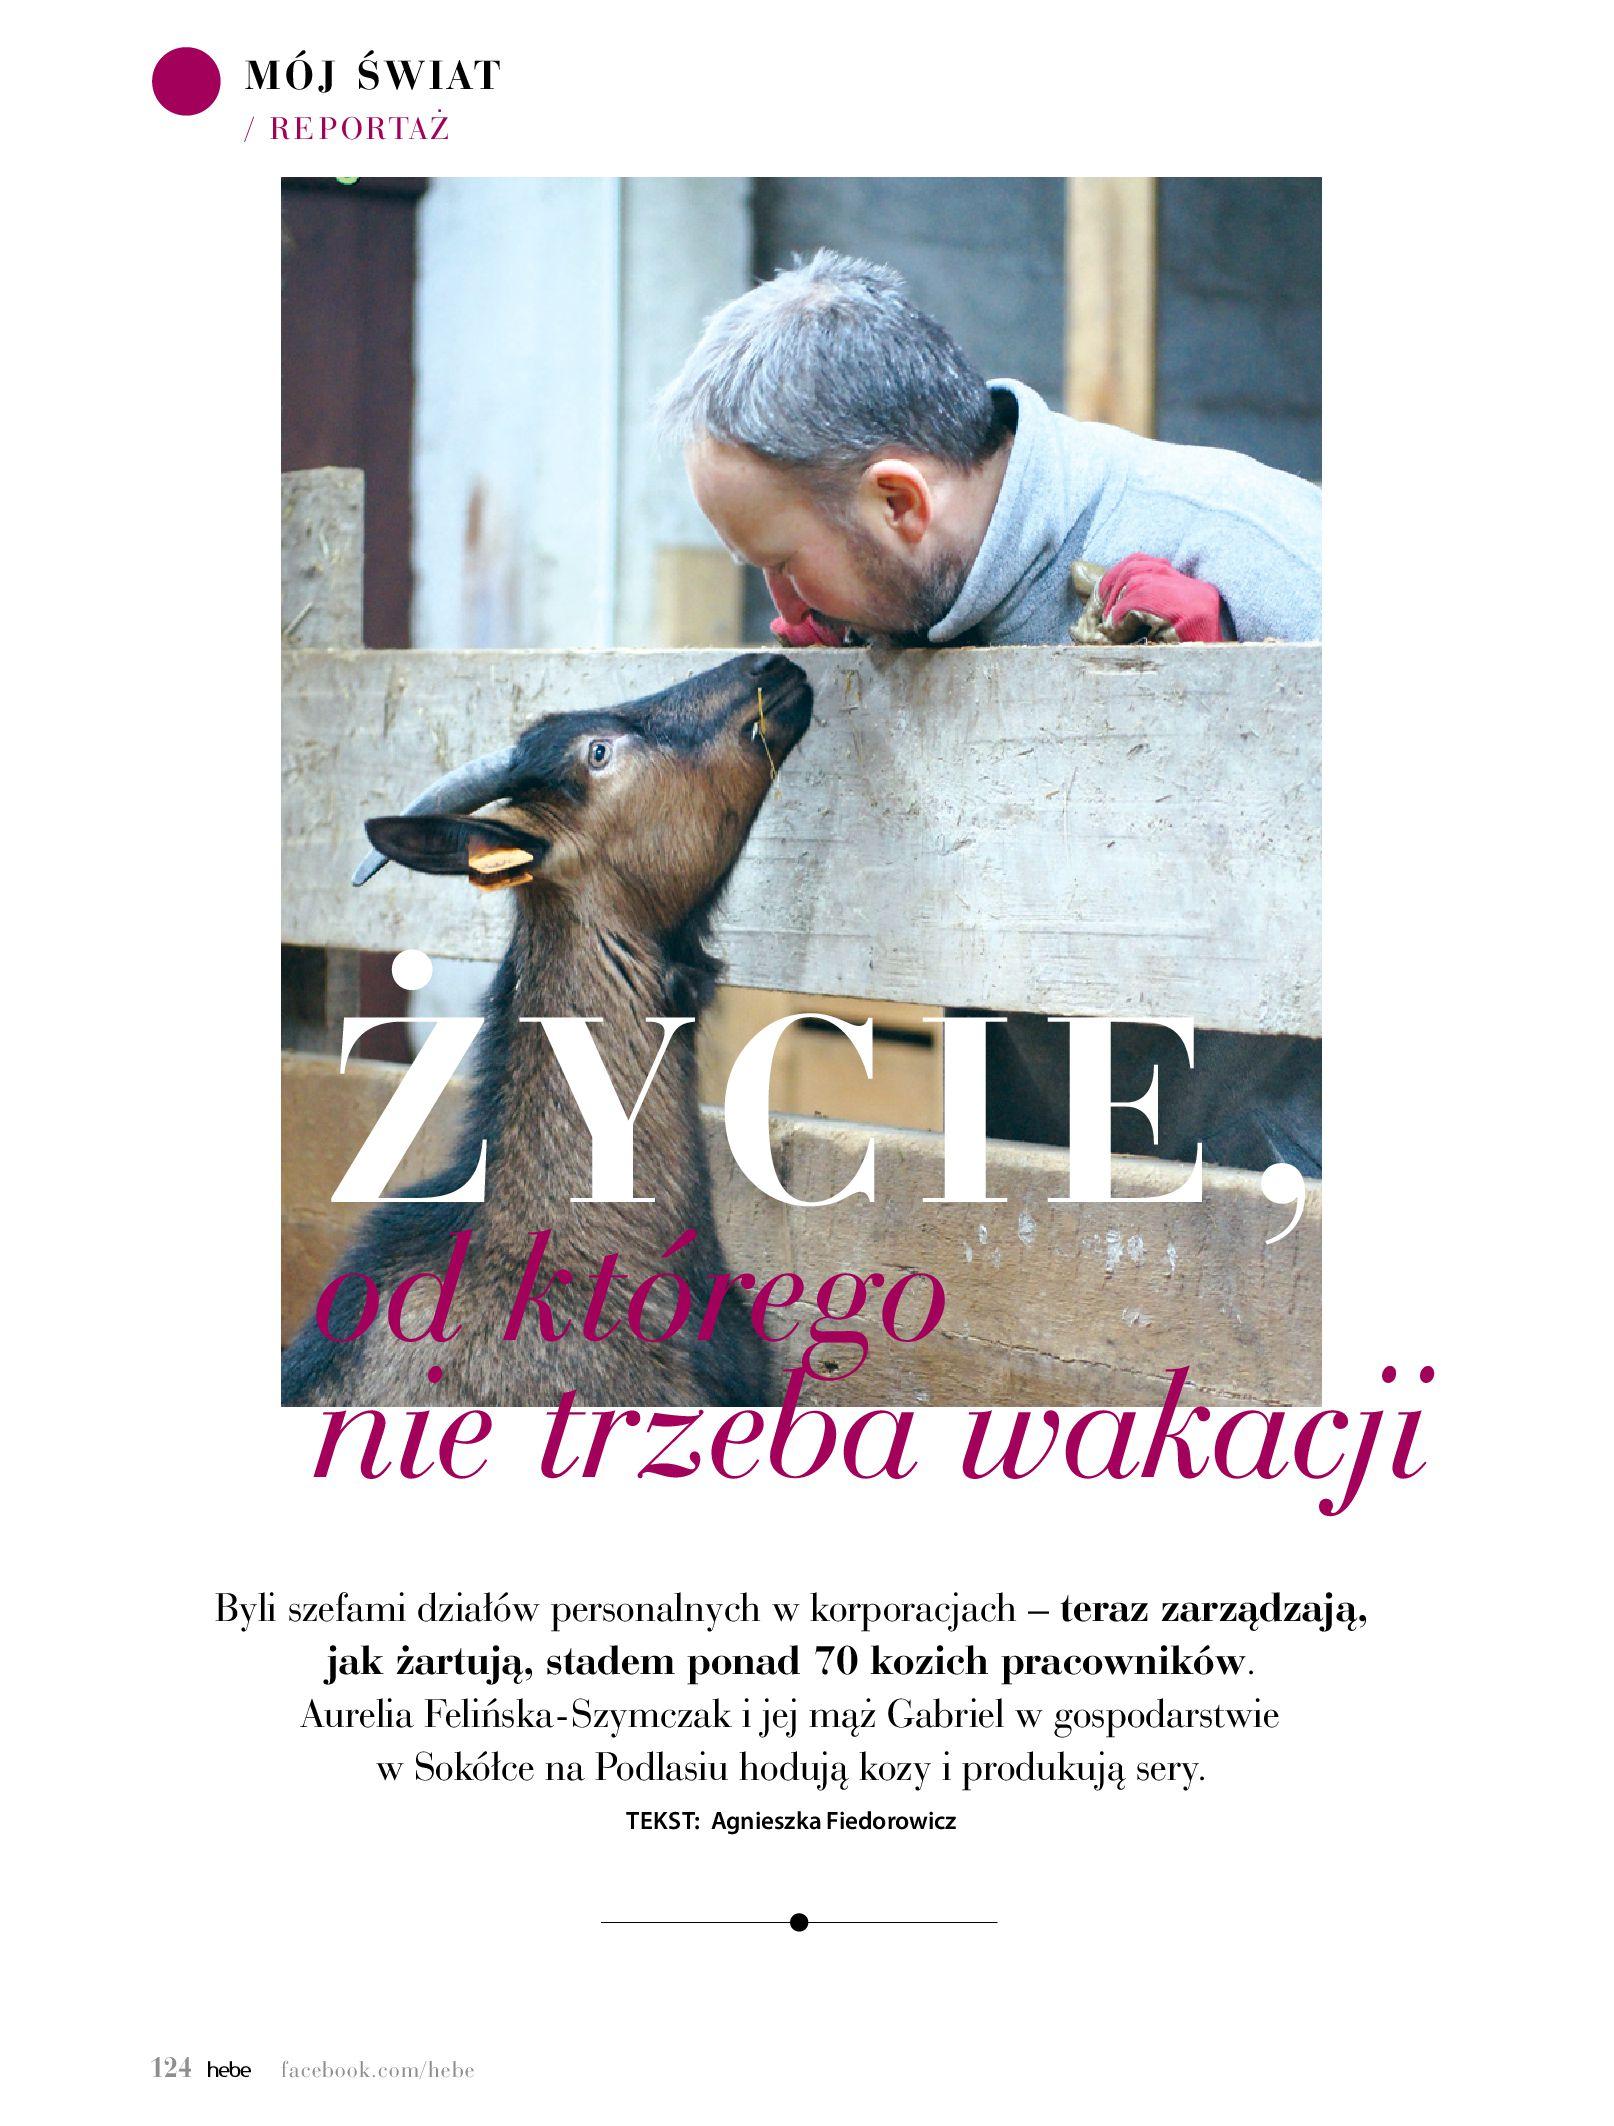 Gazetka hebe - Magazyn Hebe-30.06.2020-31.08.2020-page-124